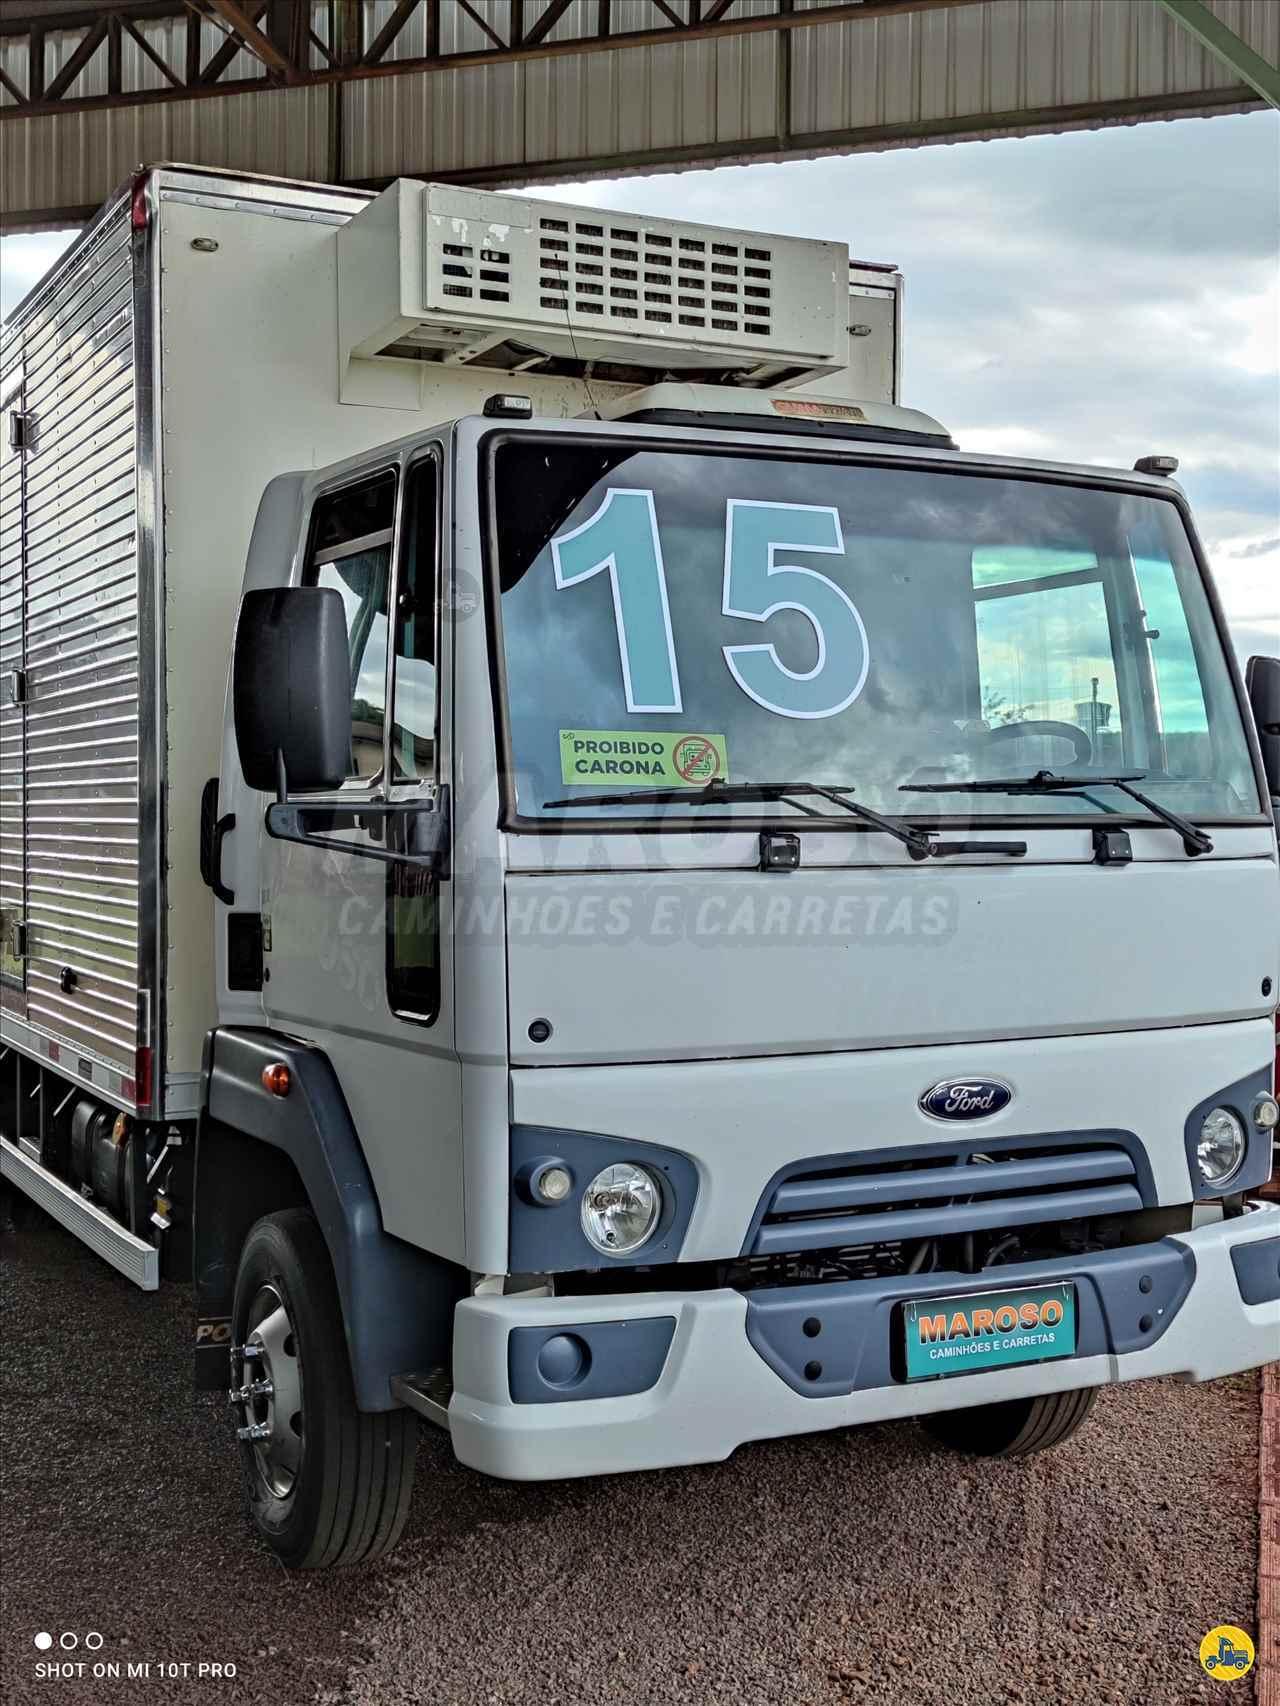 CAMINHAO FORD CARGO 1119 Baú Frigorífico 3/4 4x2 Maroso Caminhões PALOTINA PARANÁ PR